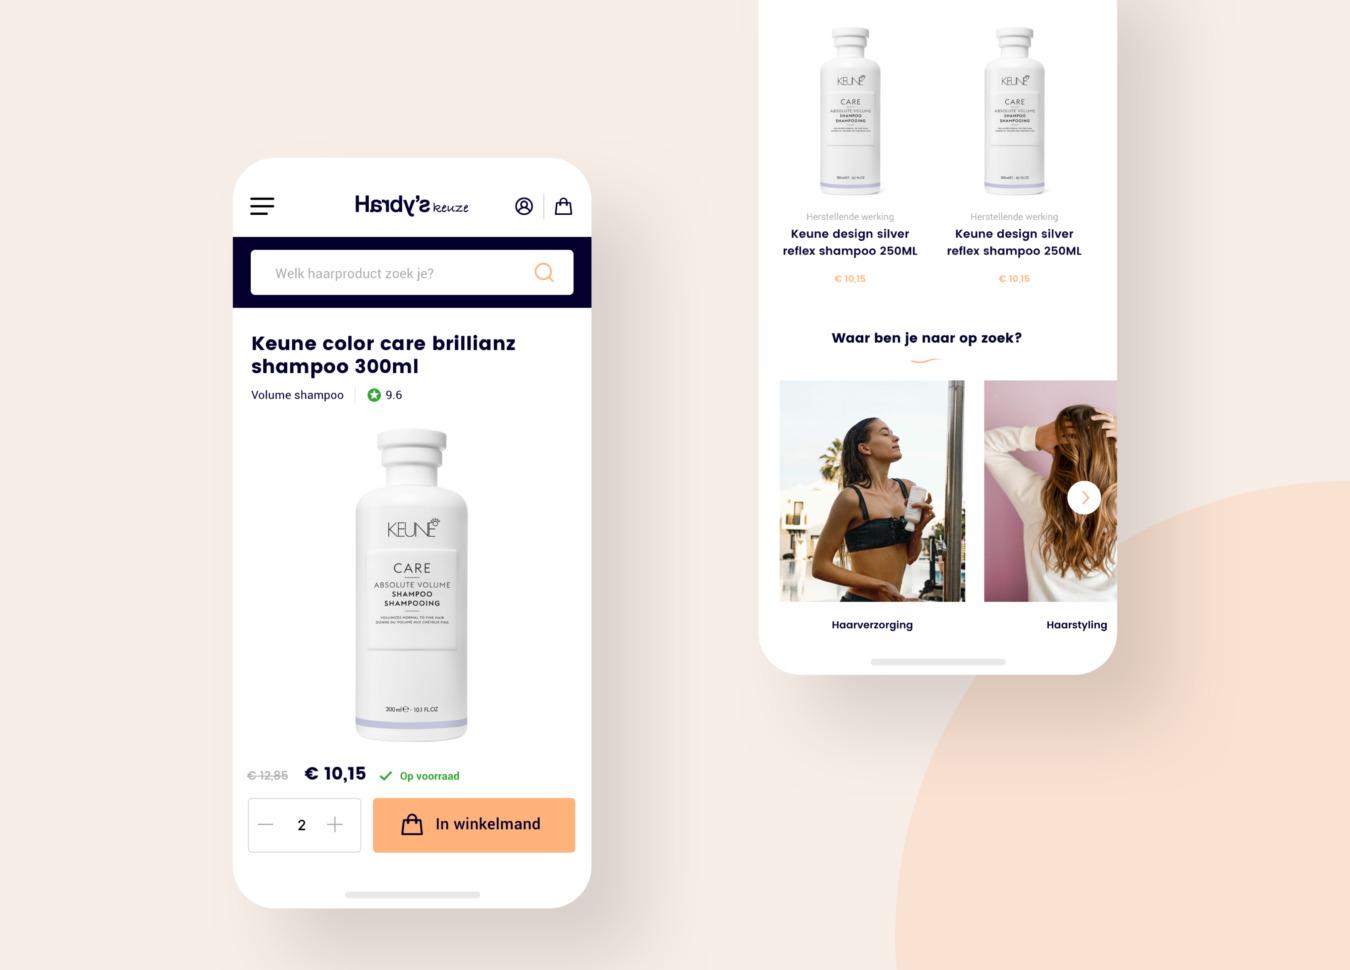 Productpagina van Hardy's Keuze op mobiel